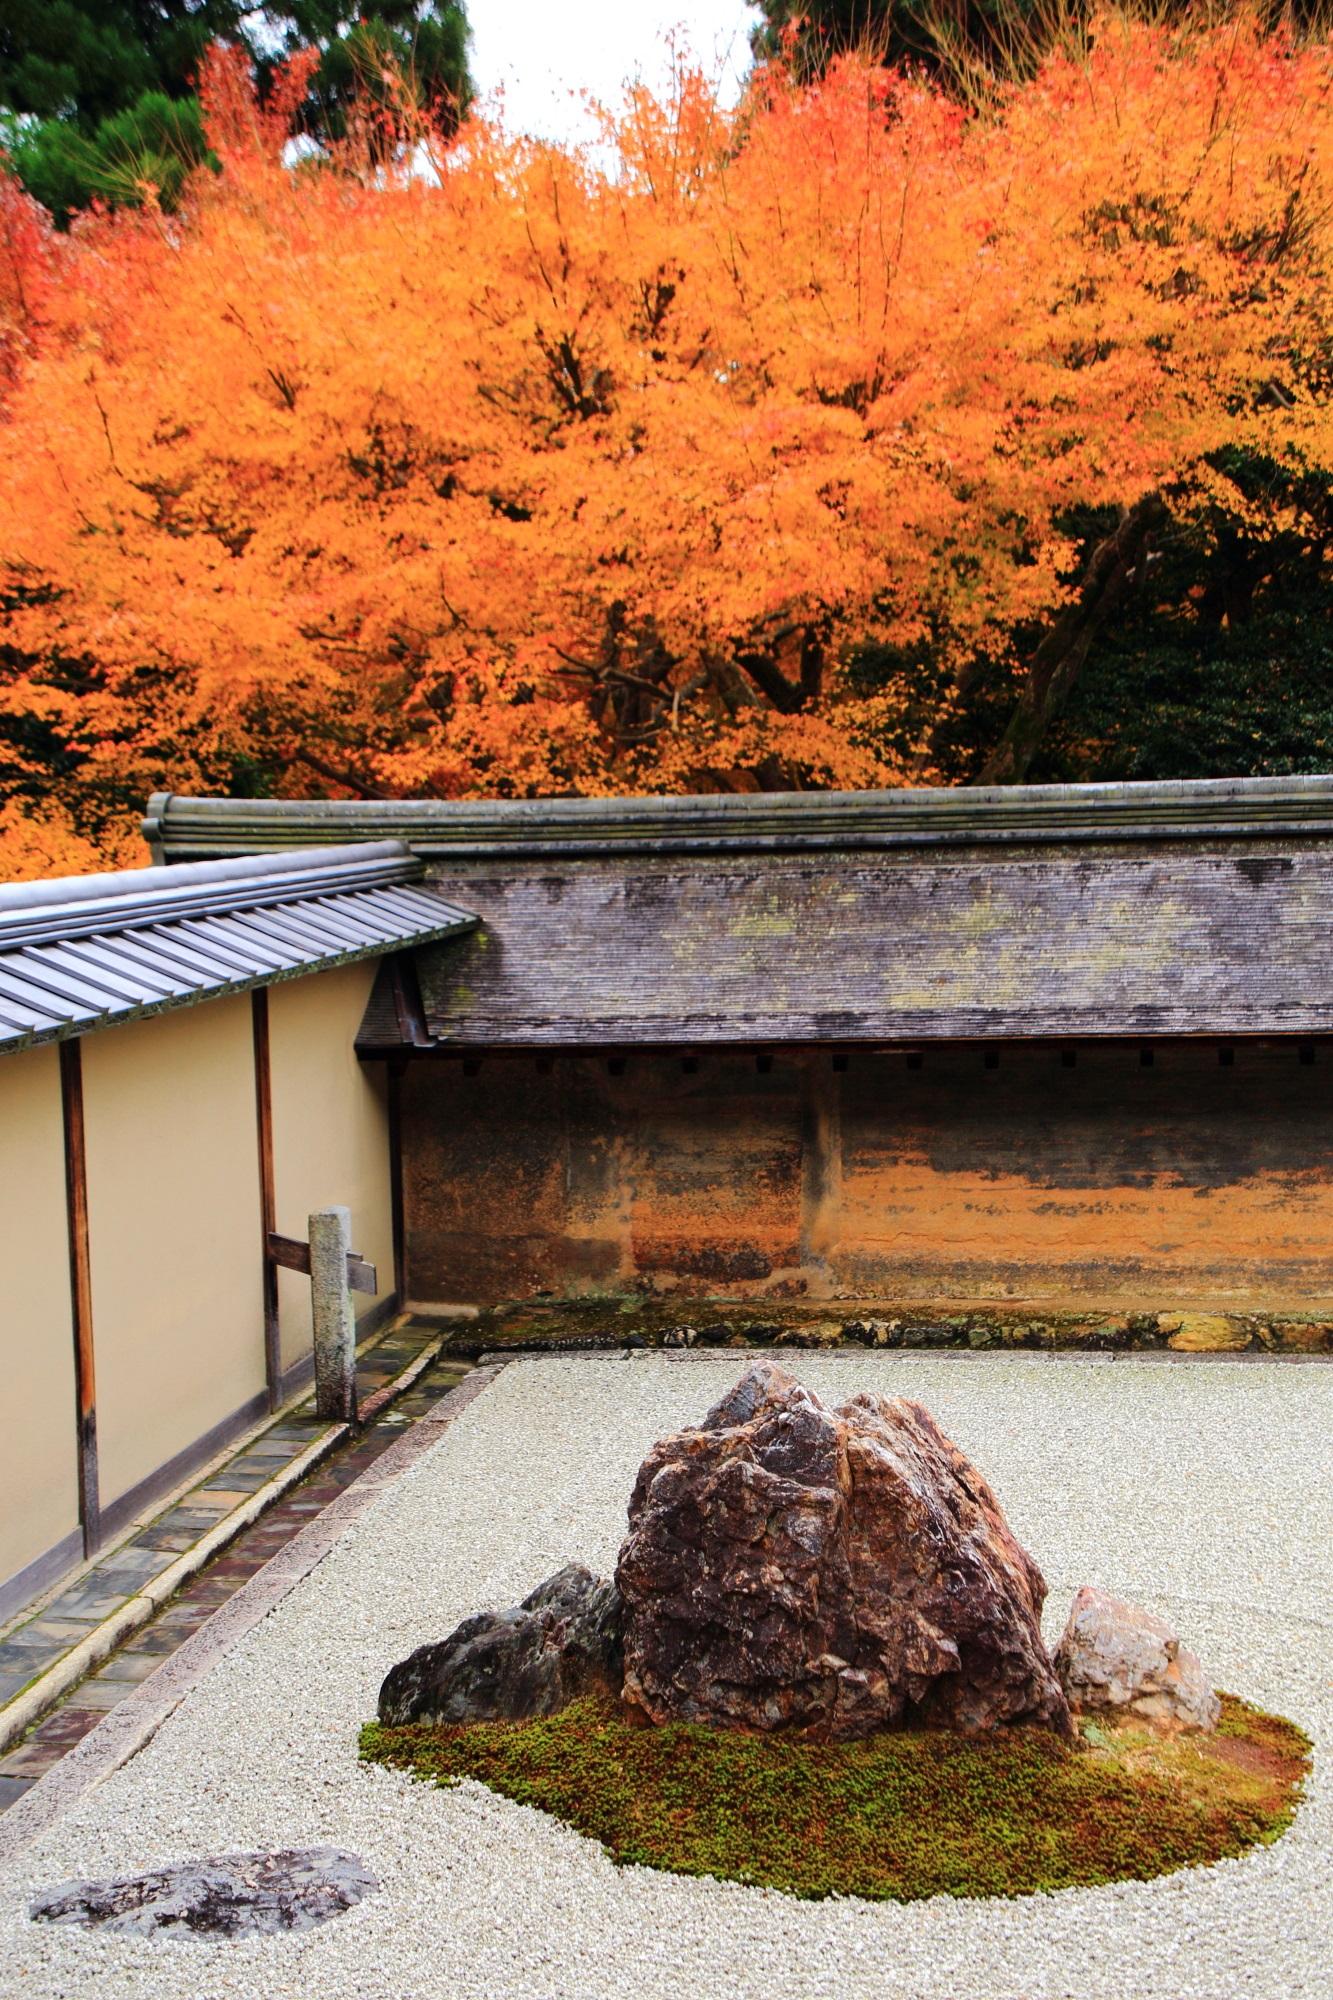 石庭の鮮やかなオレンジの紅葉と岩